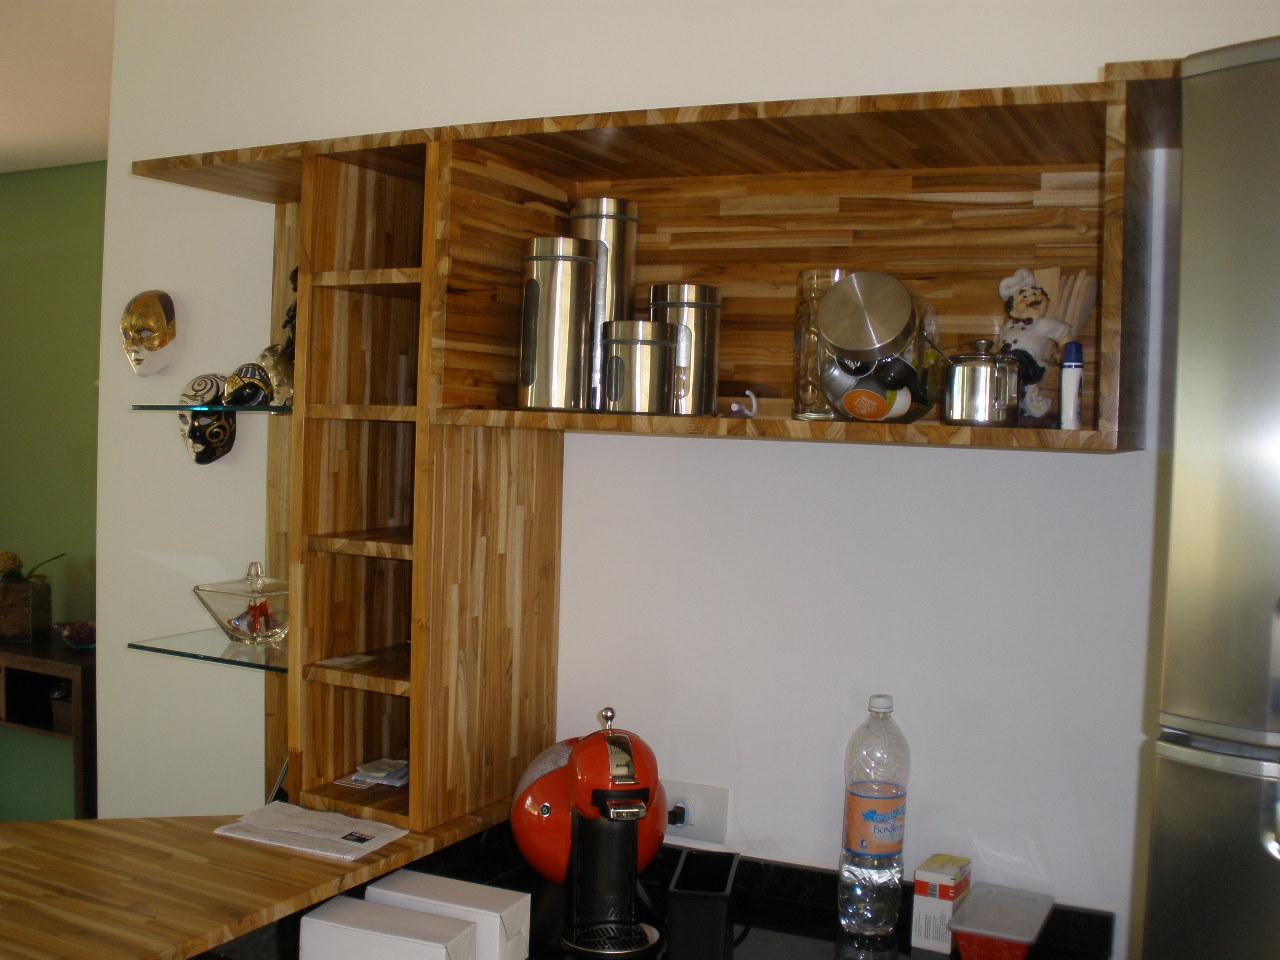 Julho 2011 Projetos 3D Maquetes Eletrônicas #684119 1280x960 Bancada Banheiro Teca